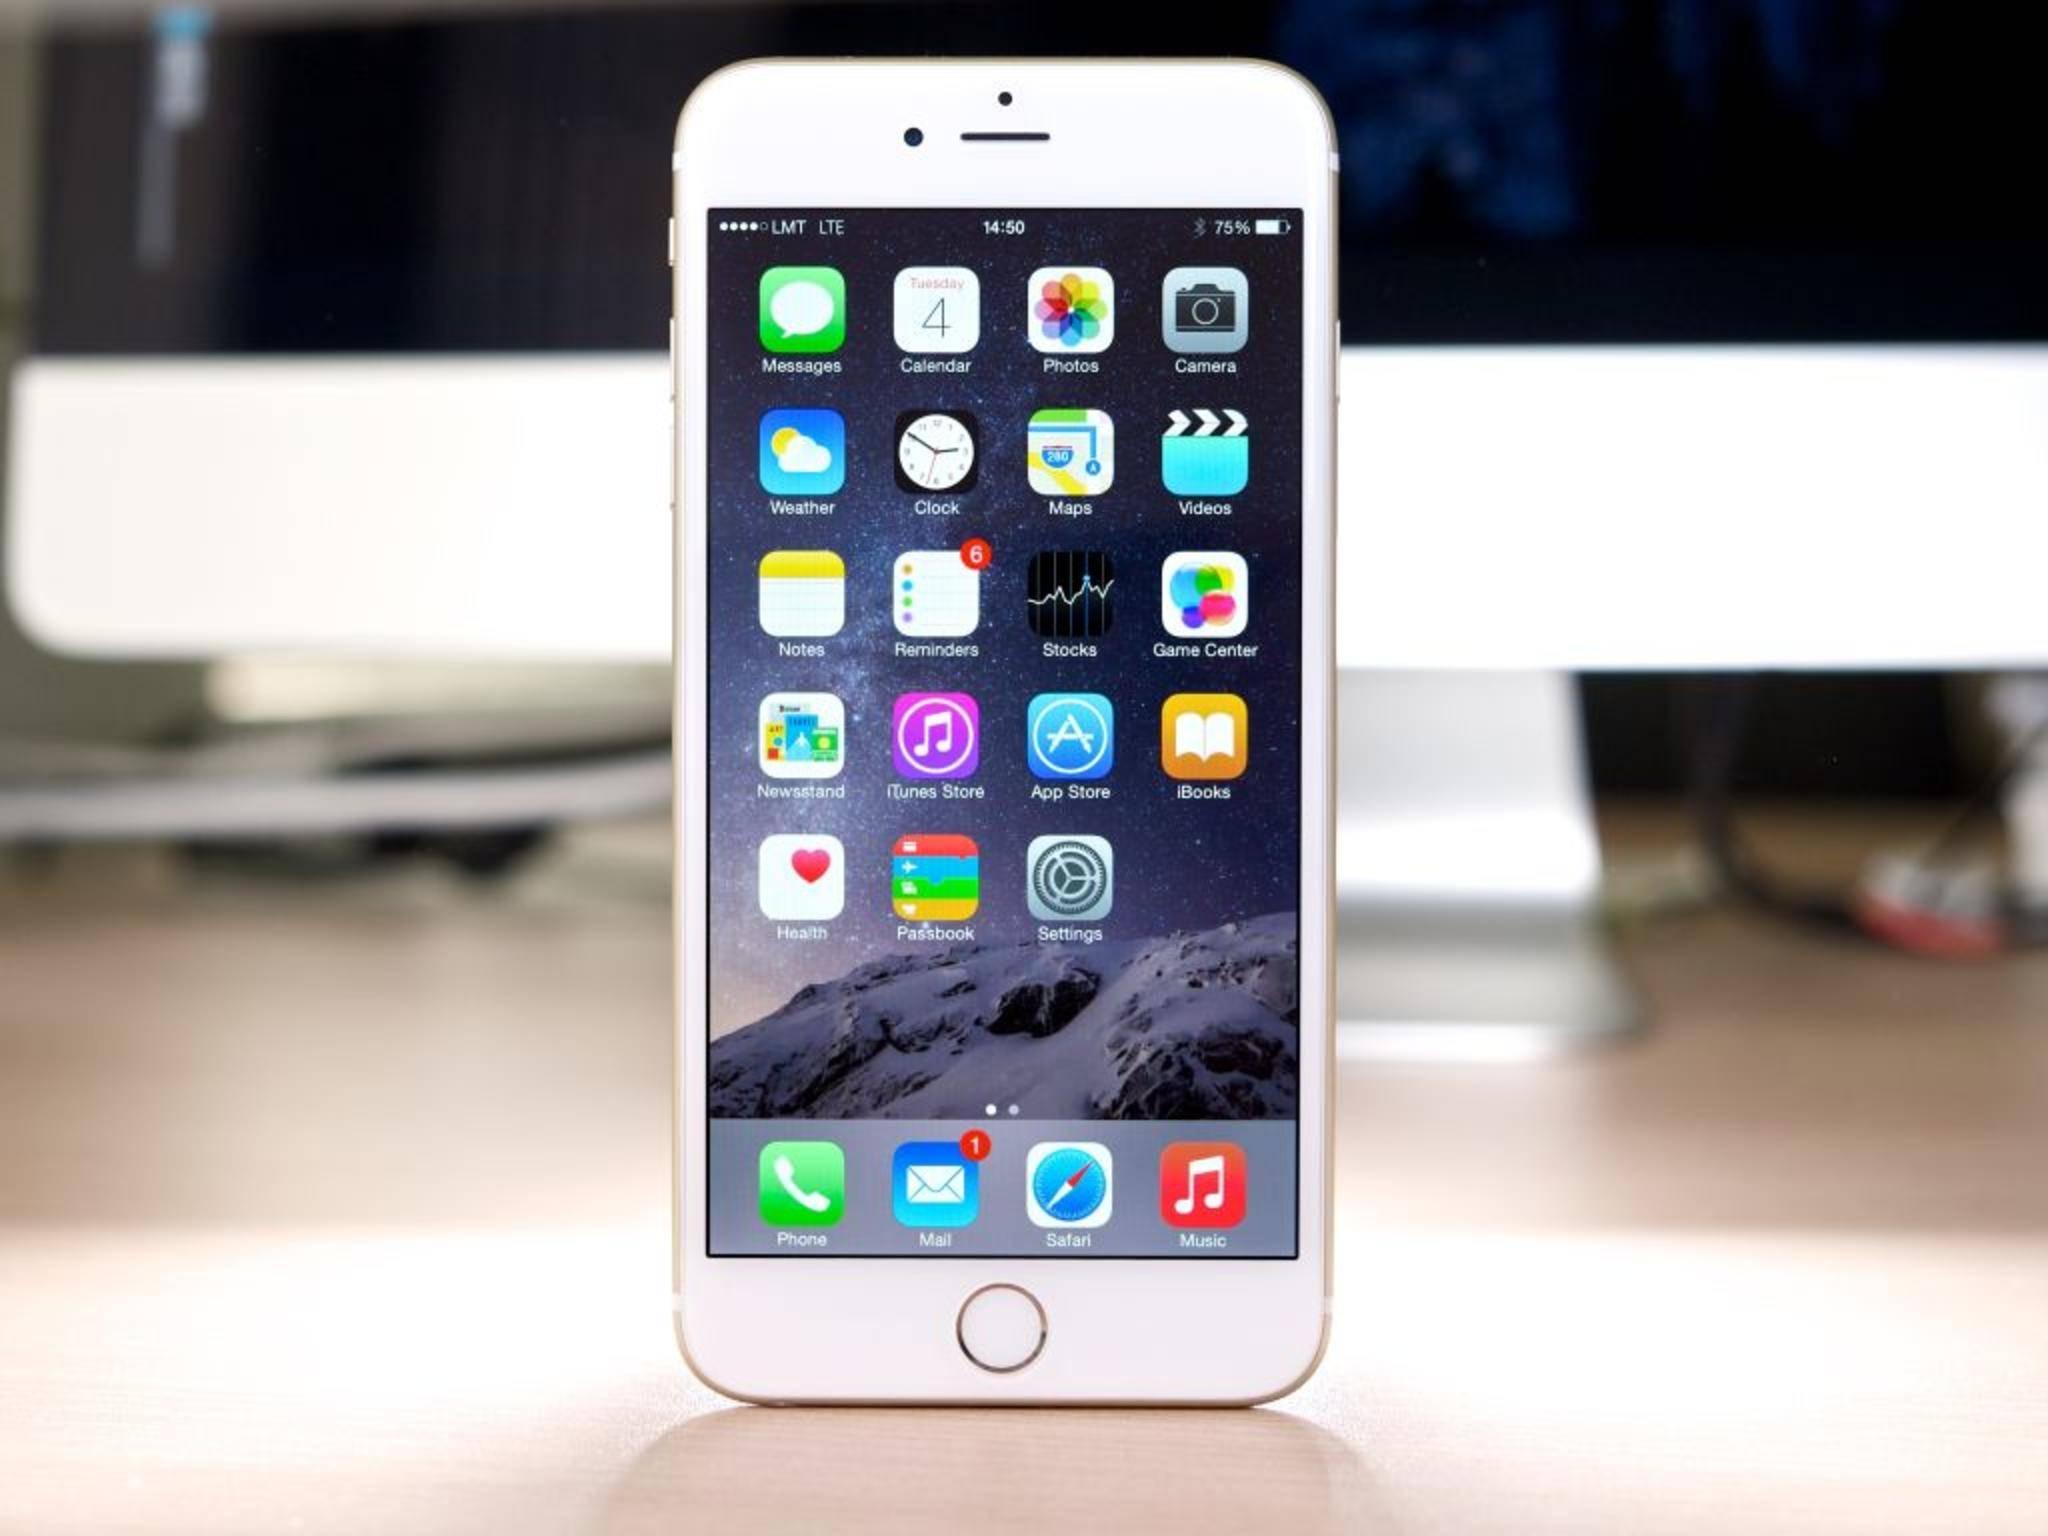 Einige Exemplare des iPhone 6 Plus wurden offenbar mit Kamera-Defekt ausgeliefert.